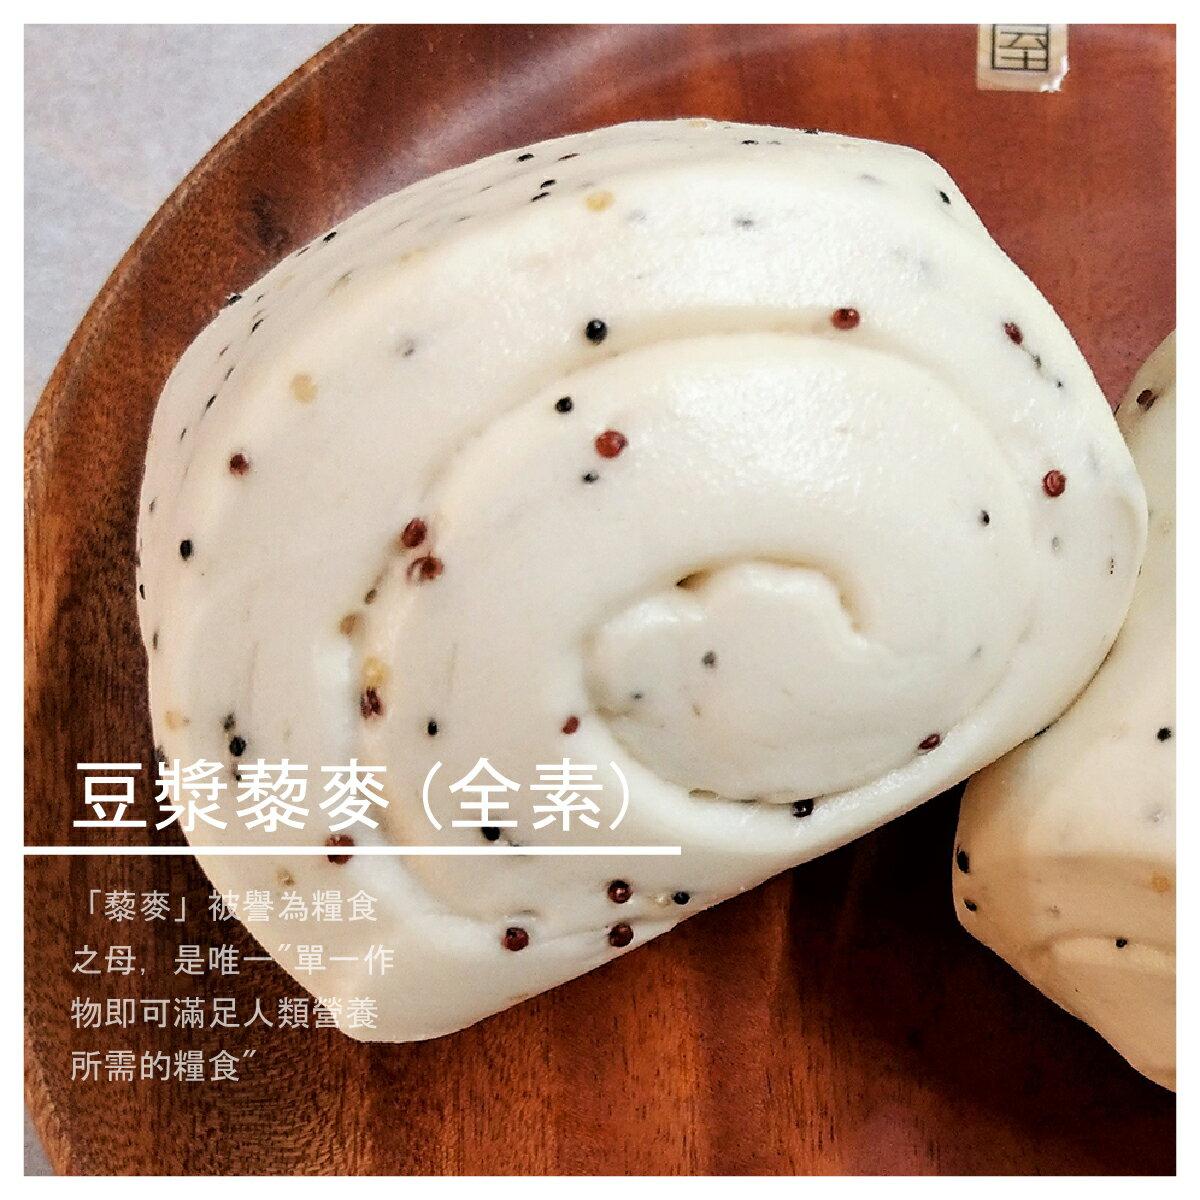 【青青手工饅頭】豆漿藜麥 (全素) 5入